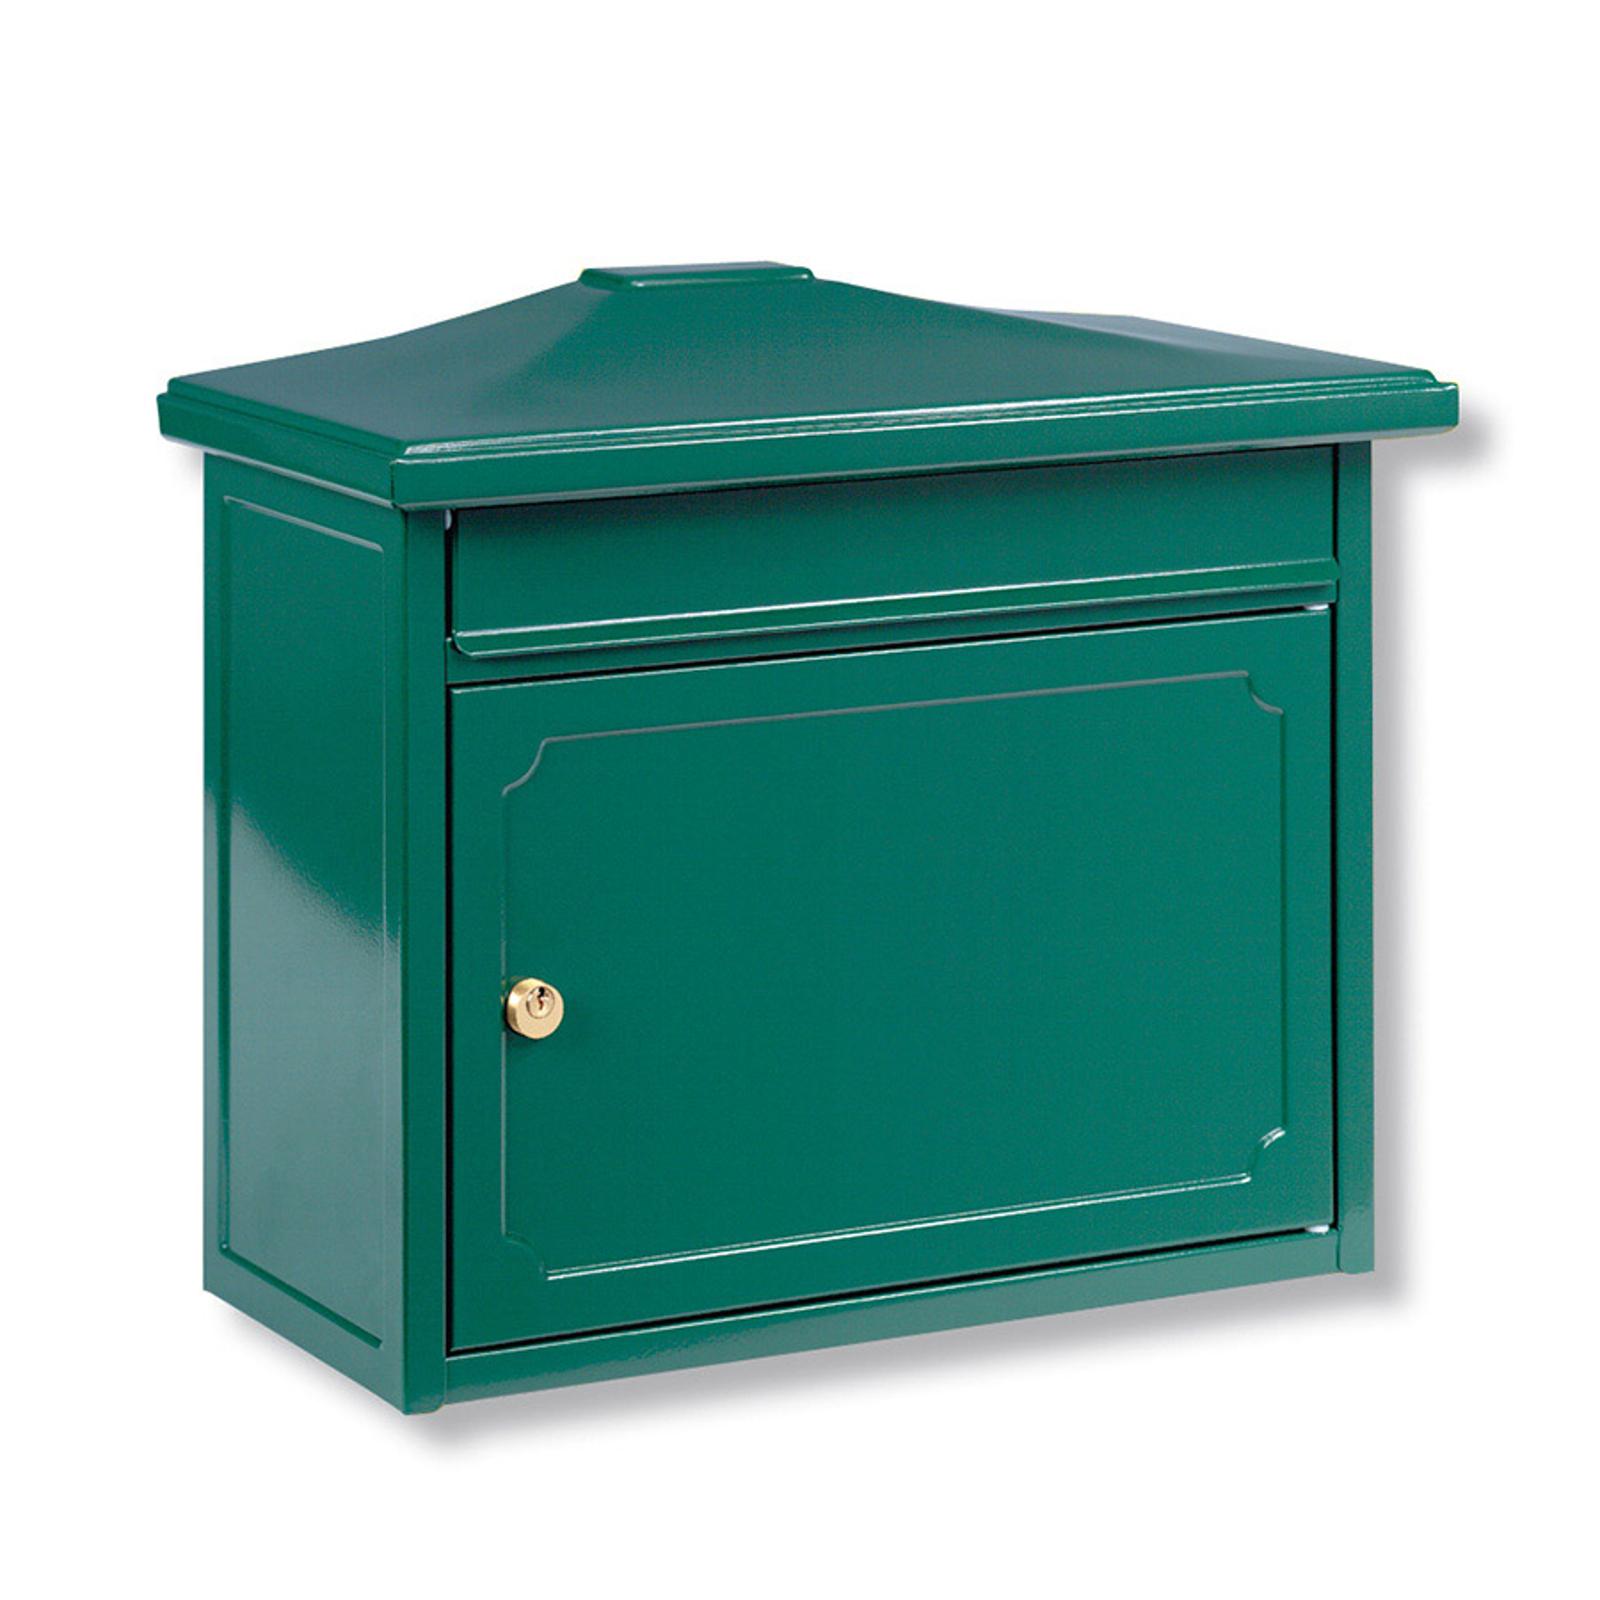 Grønn COPENHAGEN postkasse